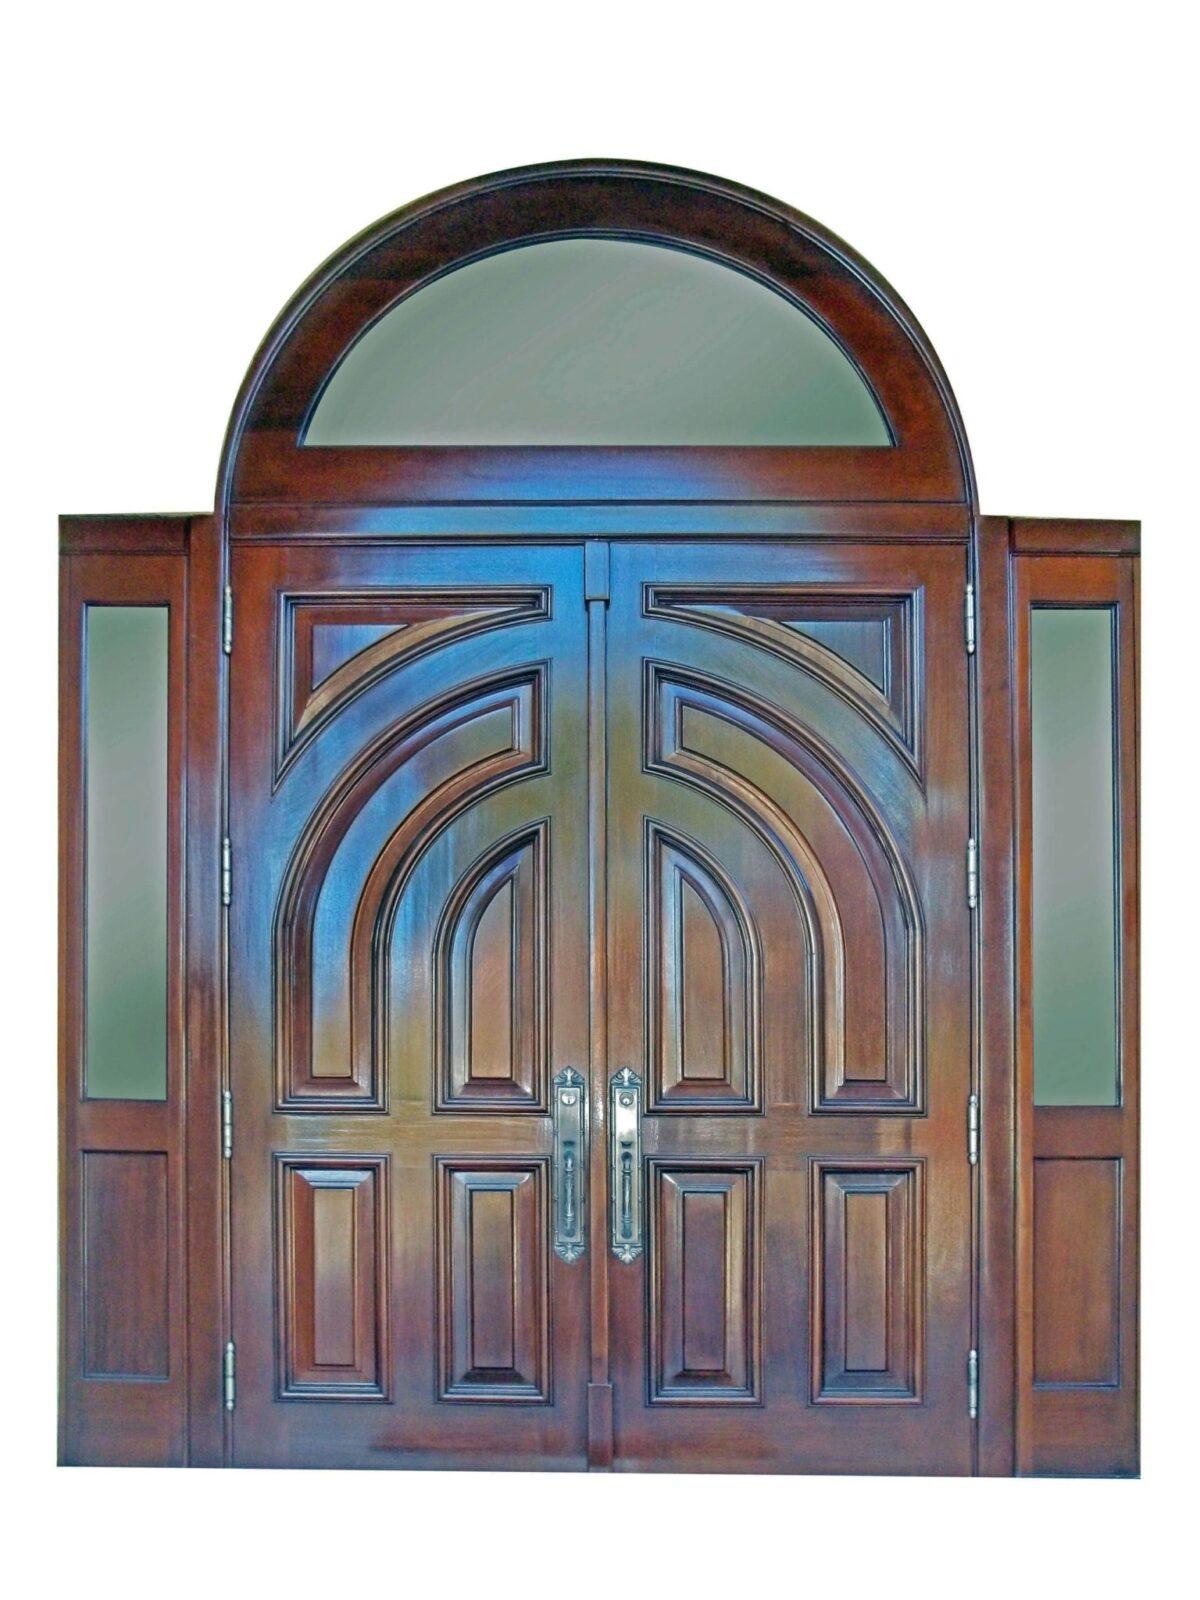 MARATHON KEY MAHOGANY ENTRY DOORS